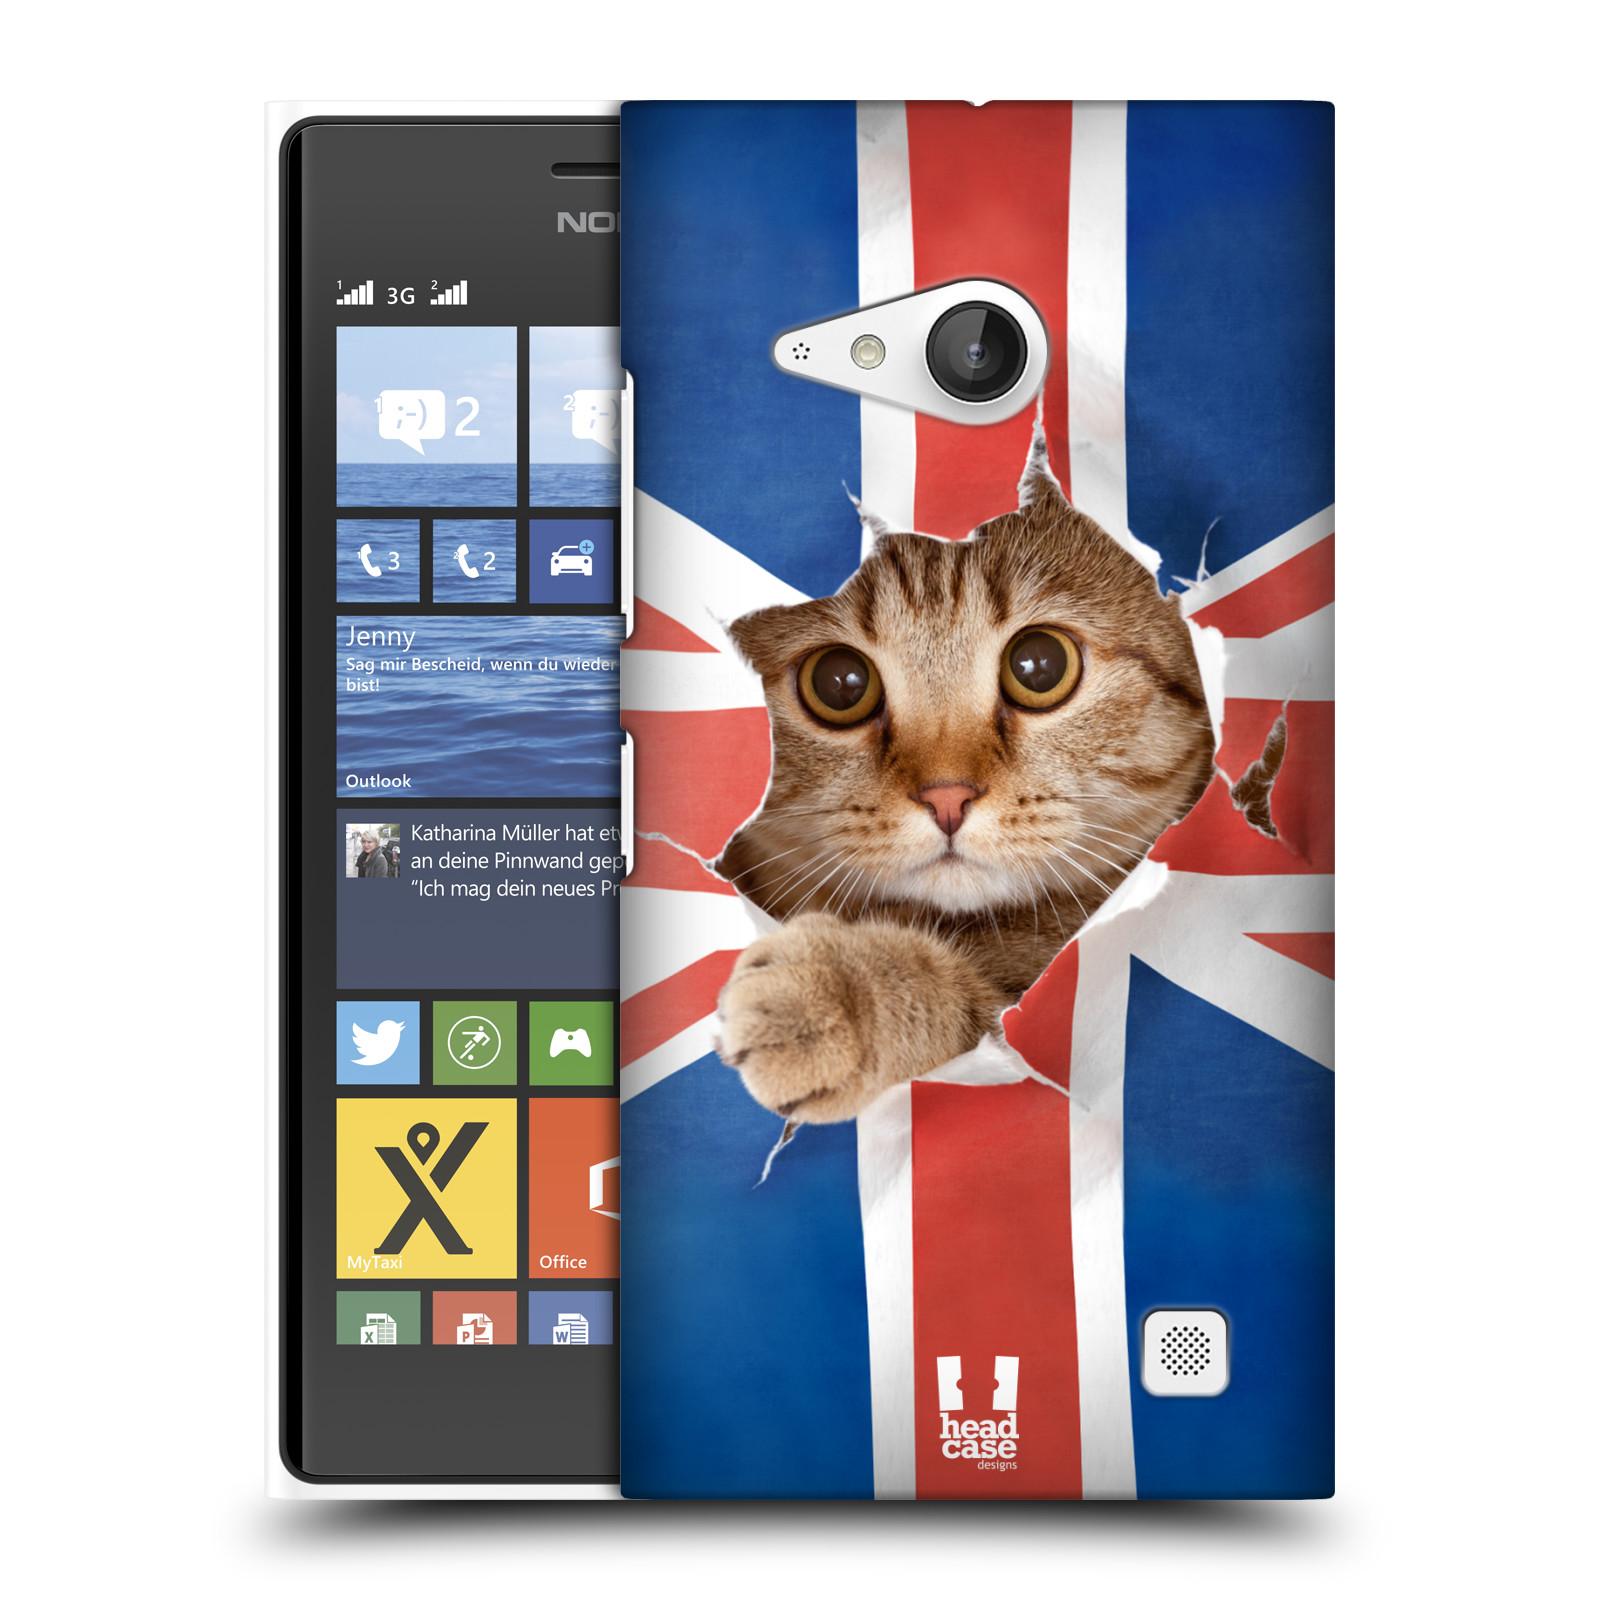 Plastové pouzdro na mobil Nokia Lumia 730 Dual SIM HEAD CASE KOČKA A VLAJKA (Kryt či obal na mobilní telefon Nokia Lumia 730 Dual SIM)